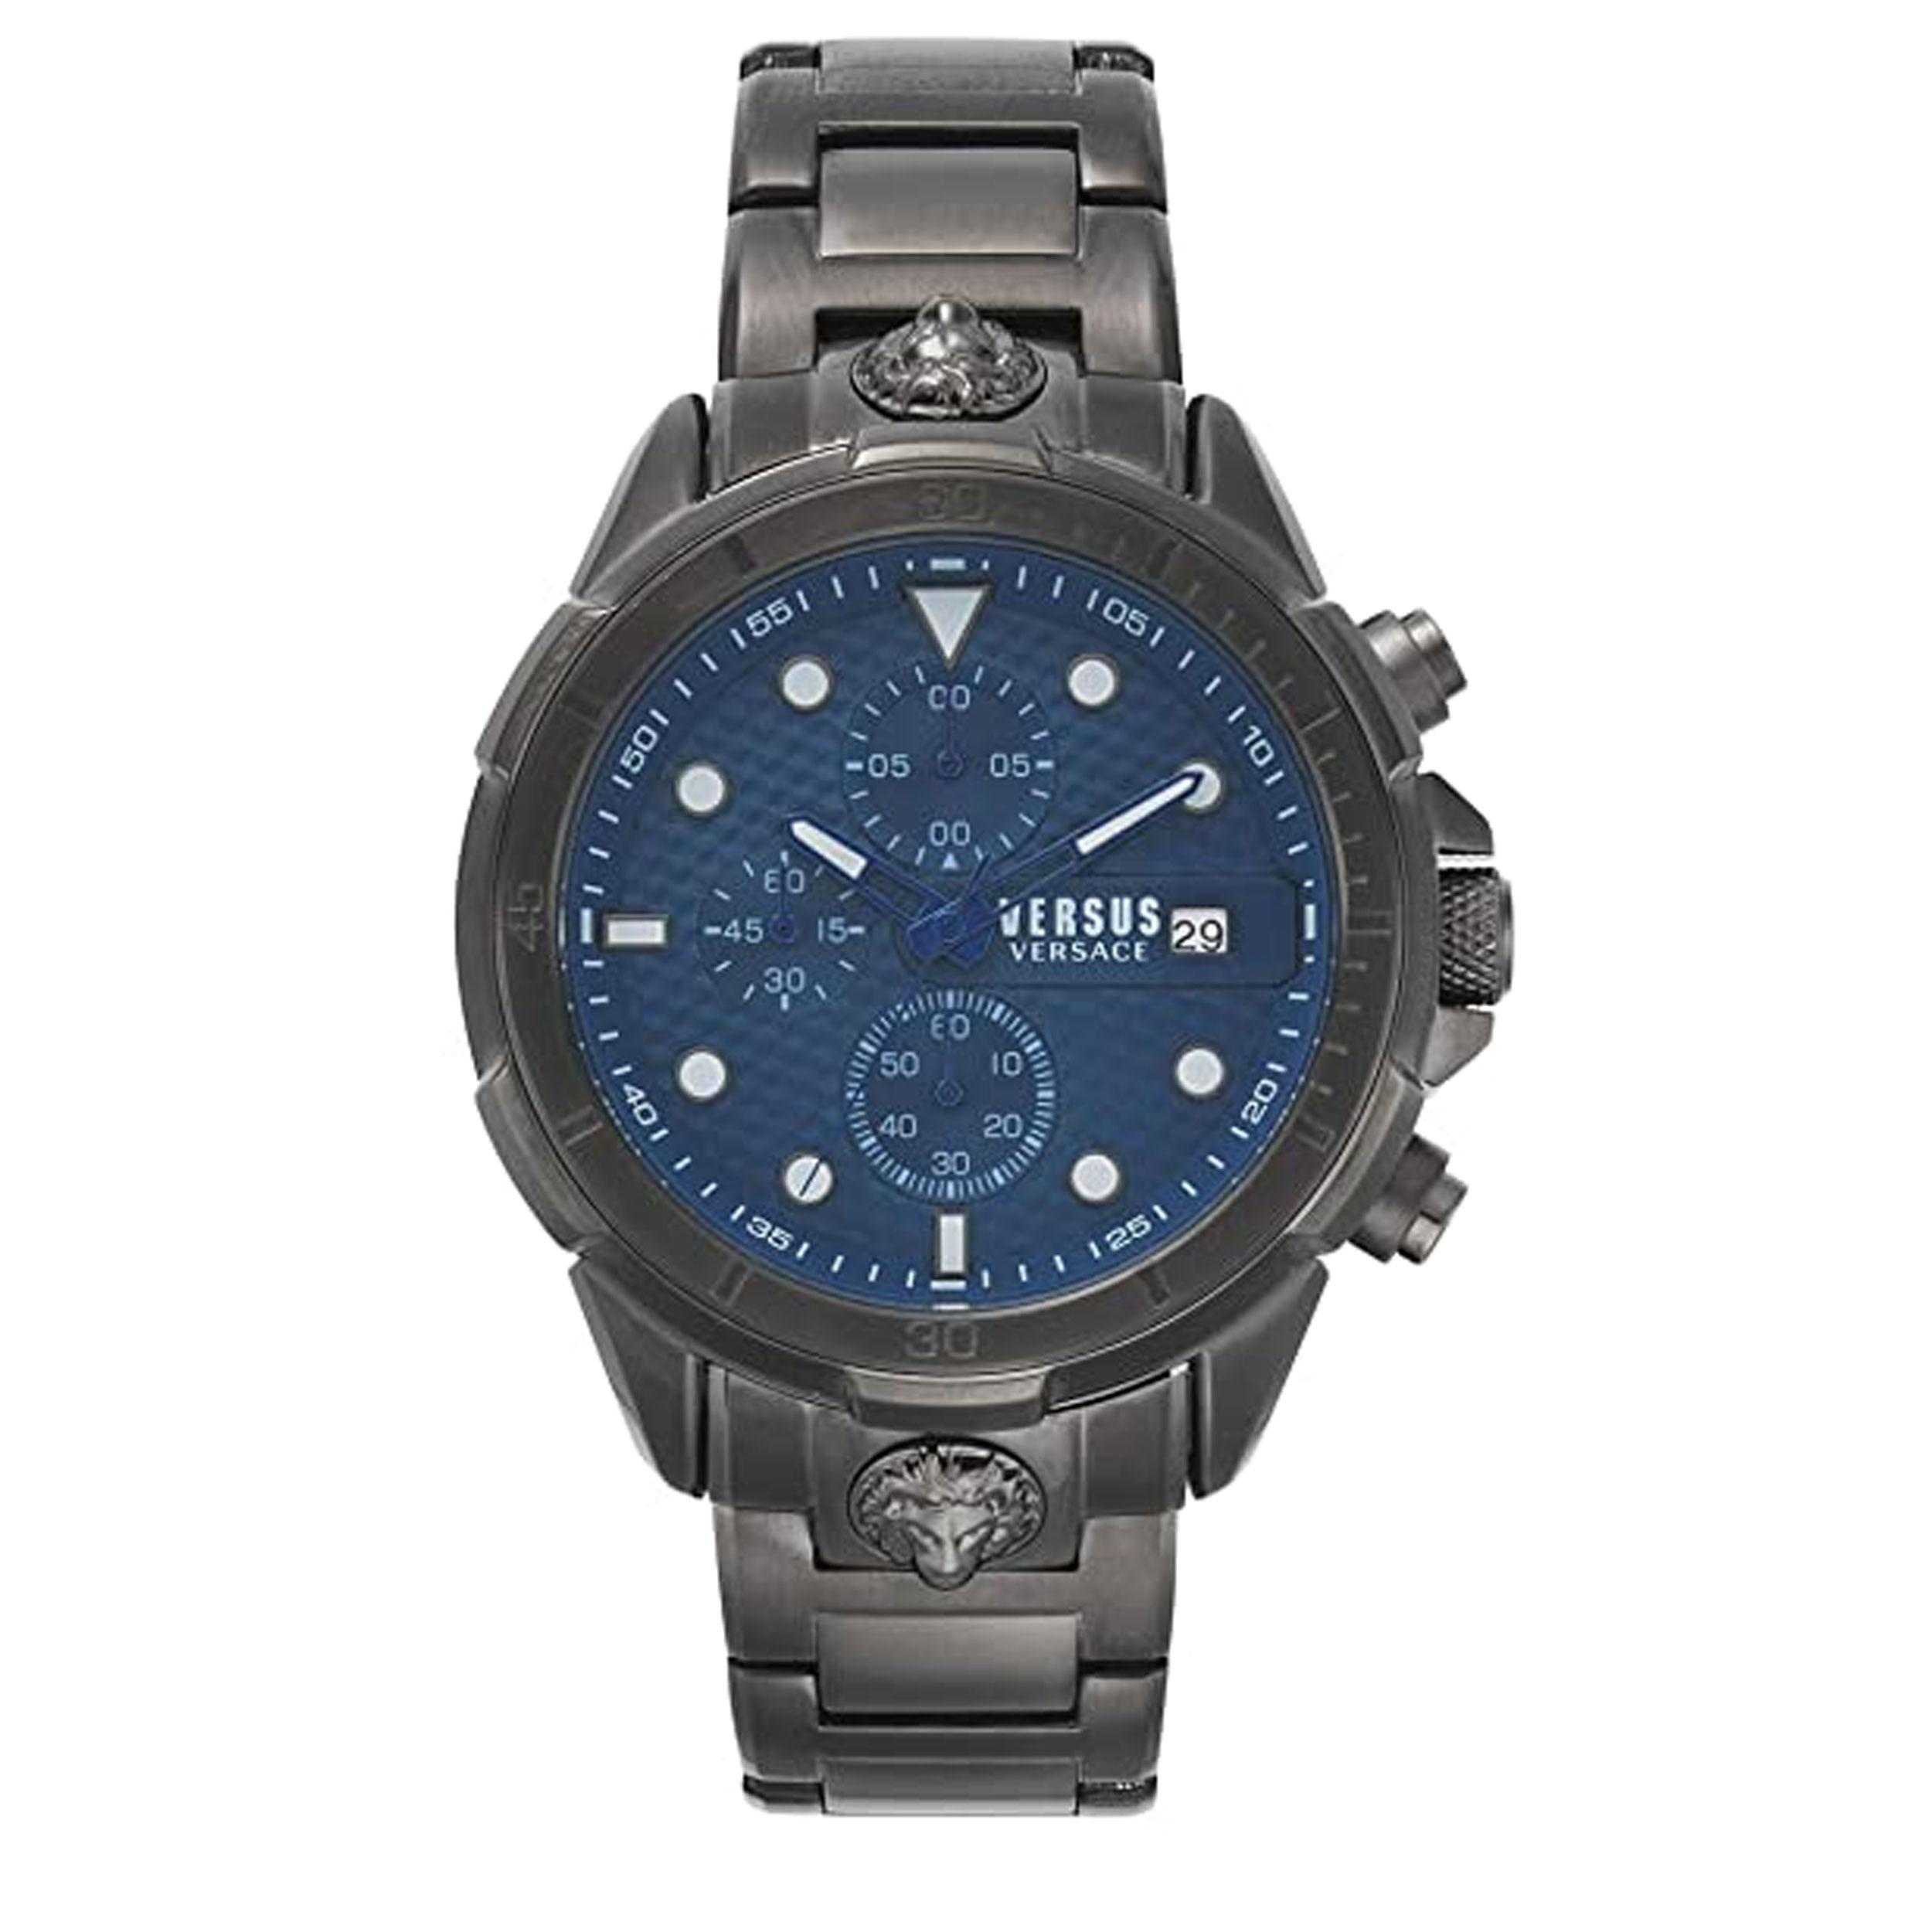 ساعت مچی عقربه ای مردانه ورسوس ورساچه مدل VSPLP0619              ارزان